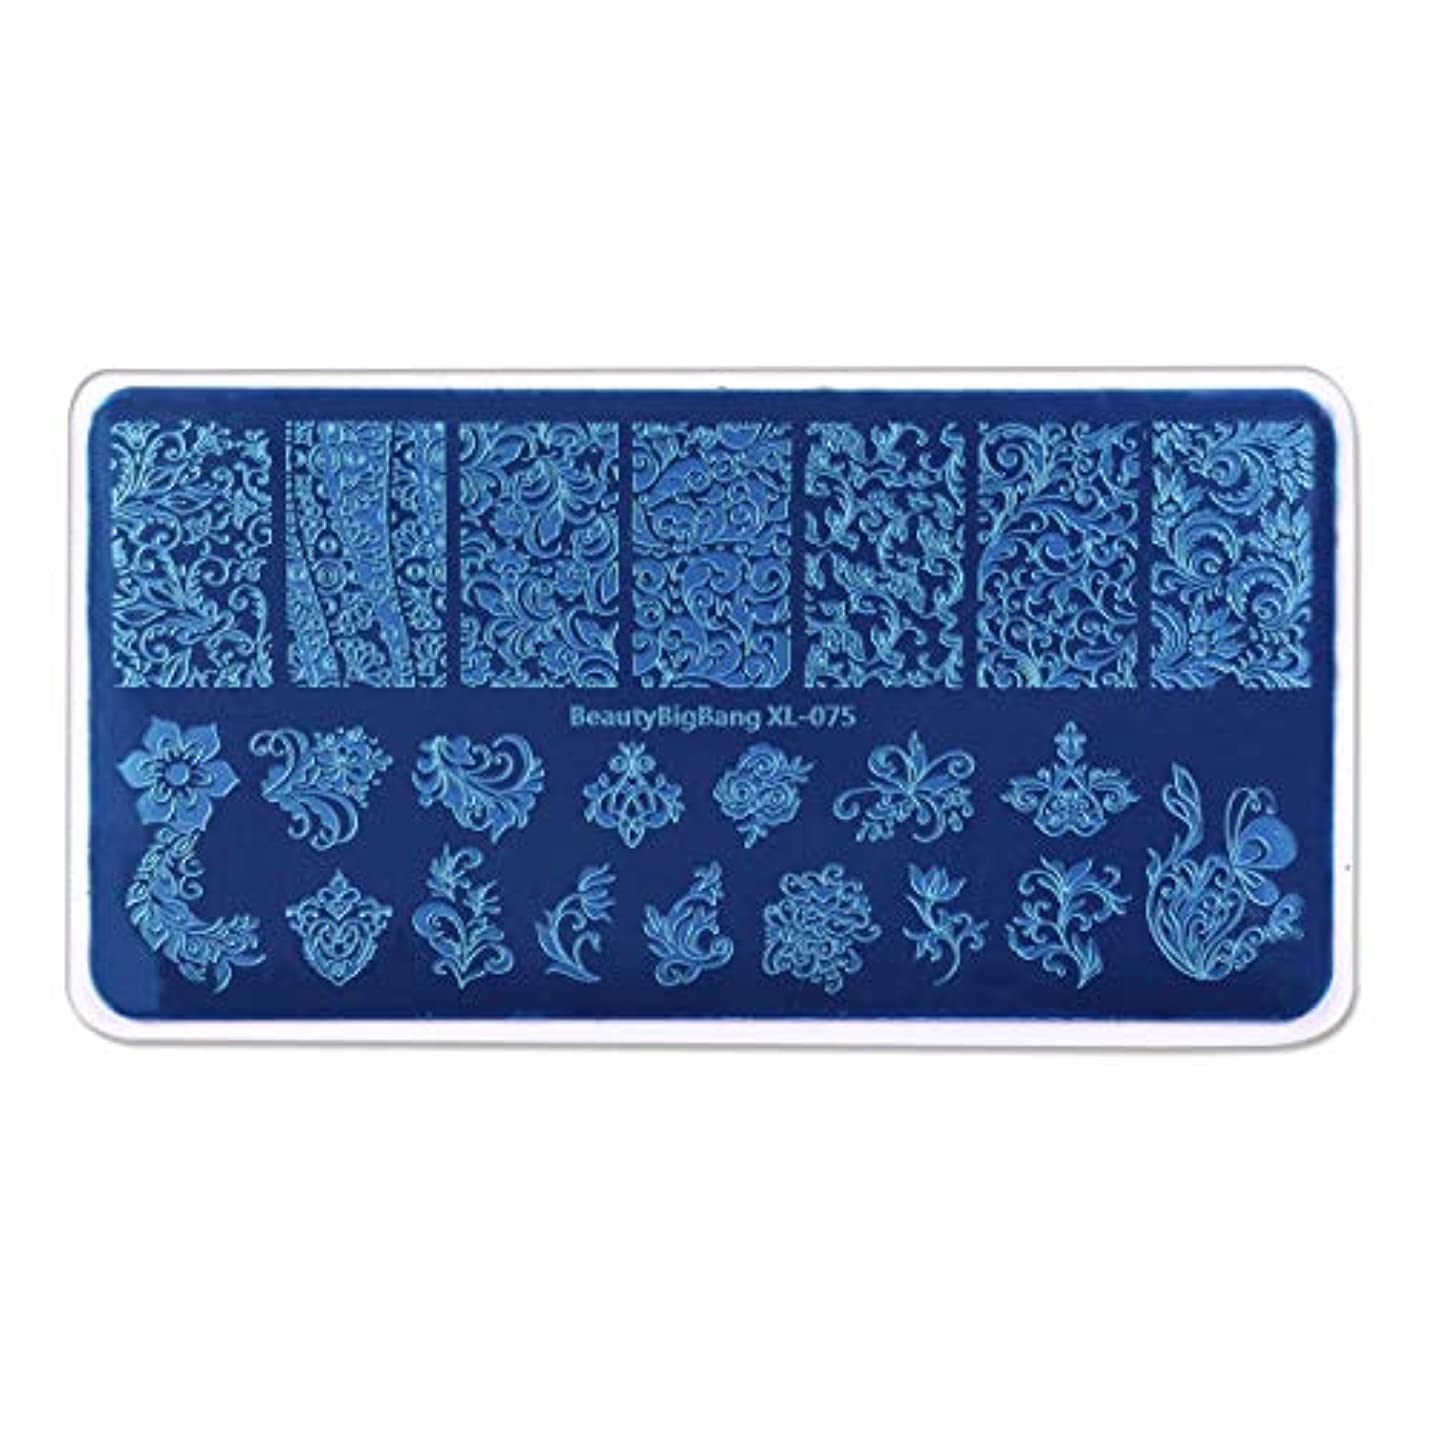 シネマ研究所先にRadiya ネイルプレートスタンピング花とつる柄ナチュラル系春夏に最適イメージプレートスタンプネイルプレートネイルステンシルケース付き長方形スタンピンクネイルプレートアートマニキュアツール